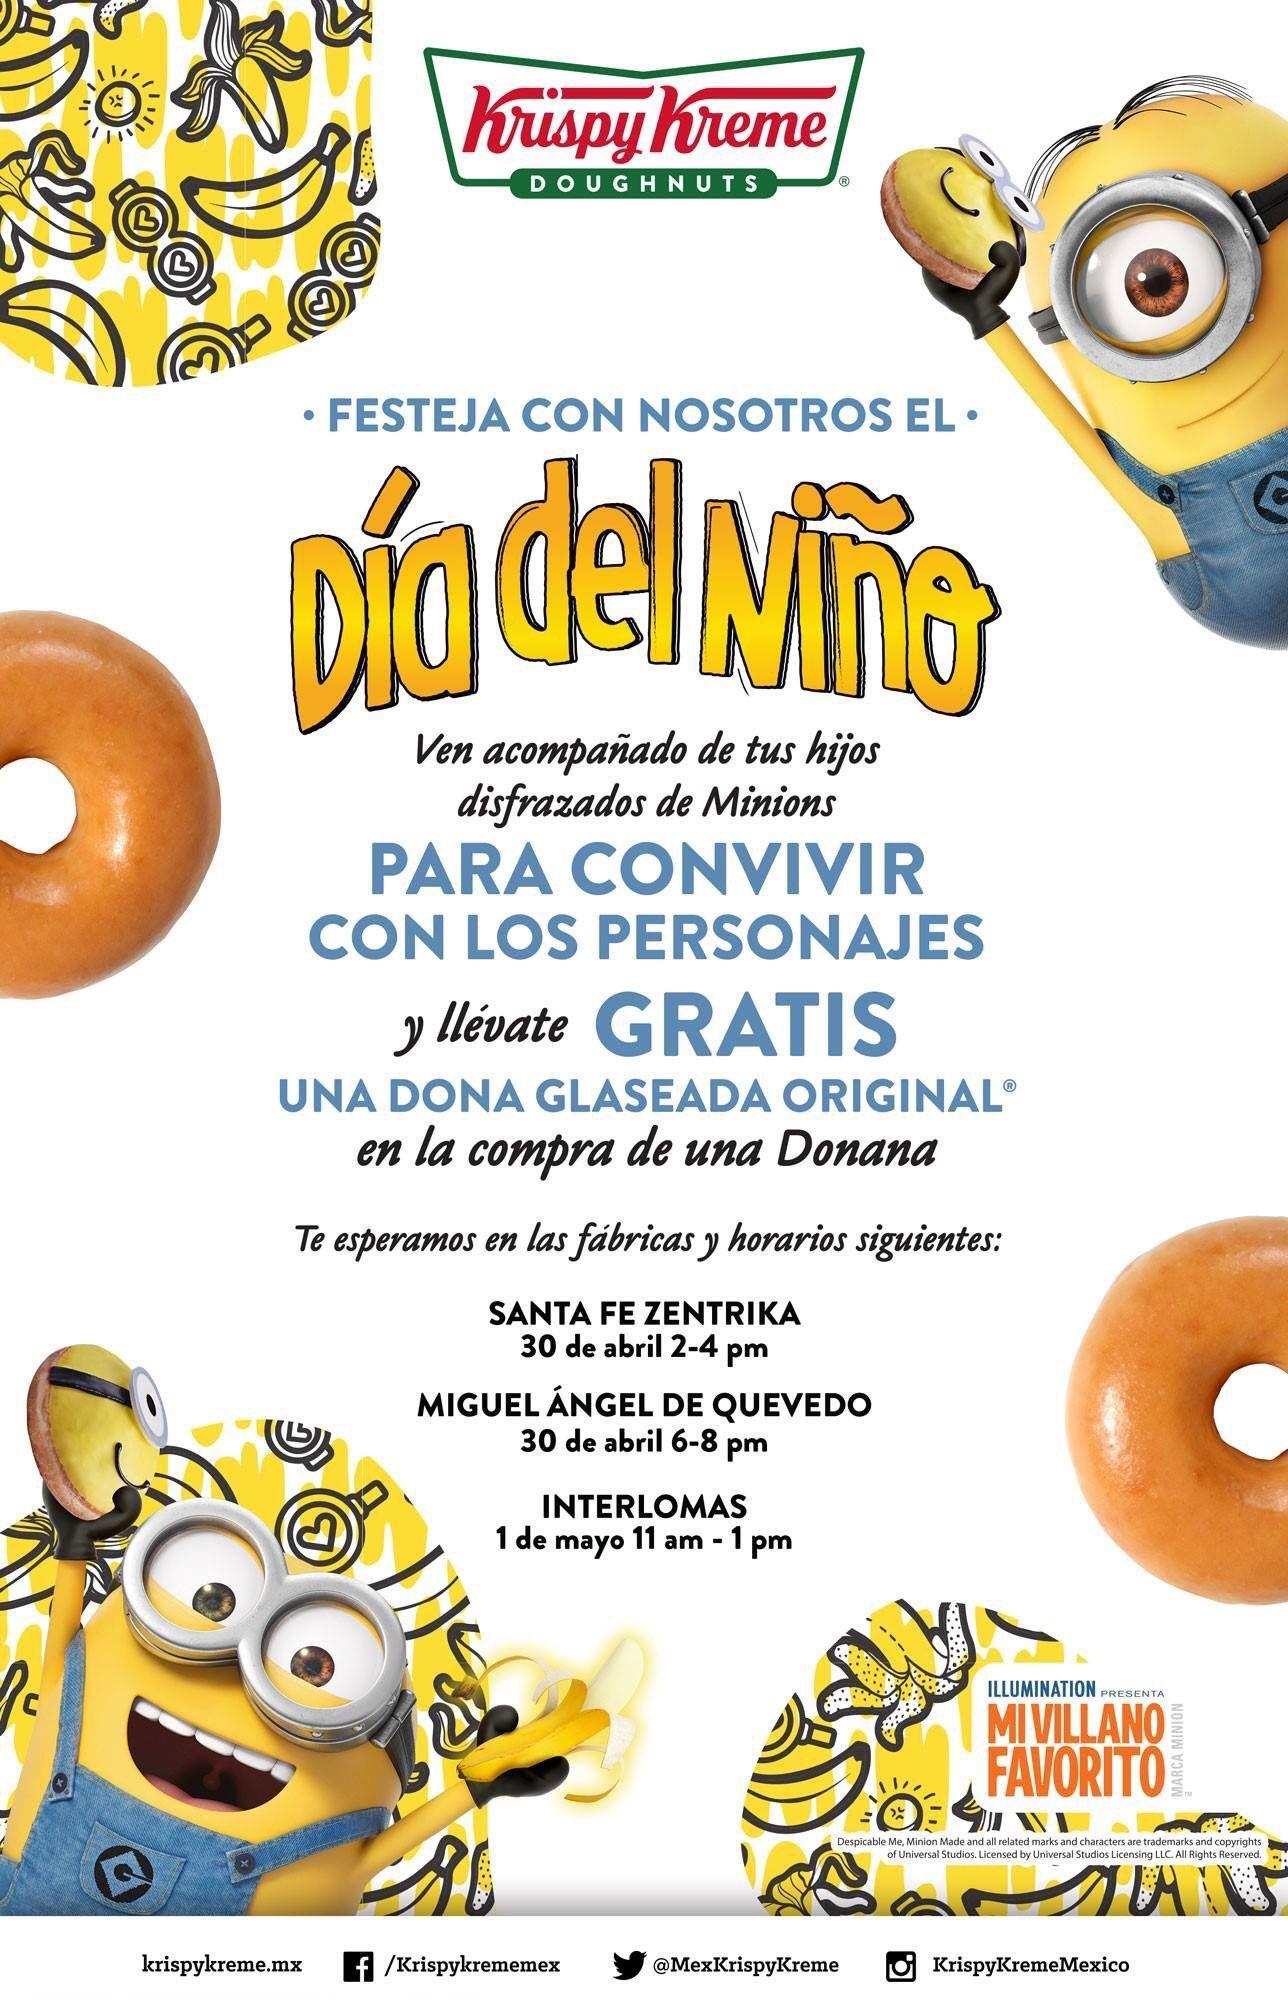 Krispy Kreme CDMX: Dona gratis para niños este 30 de Abril